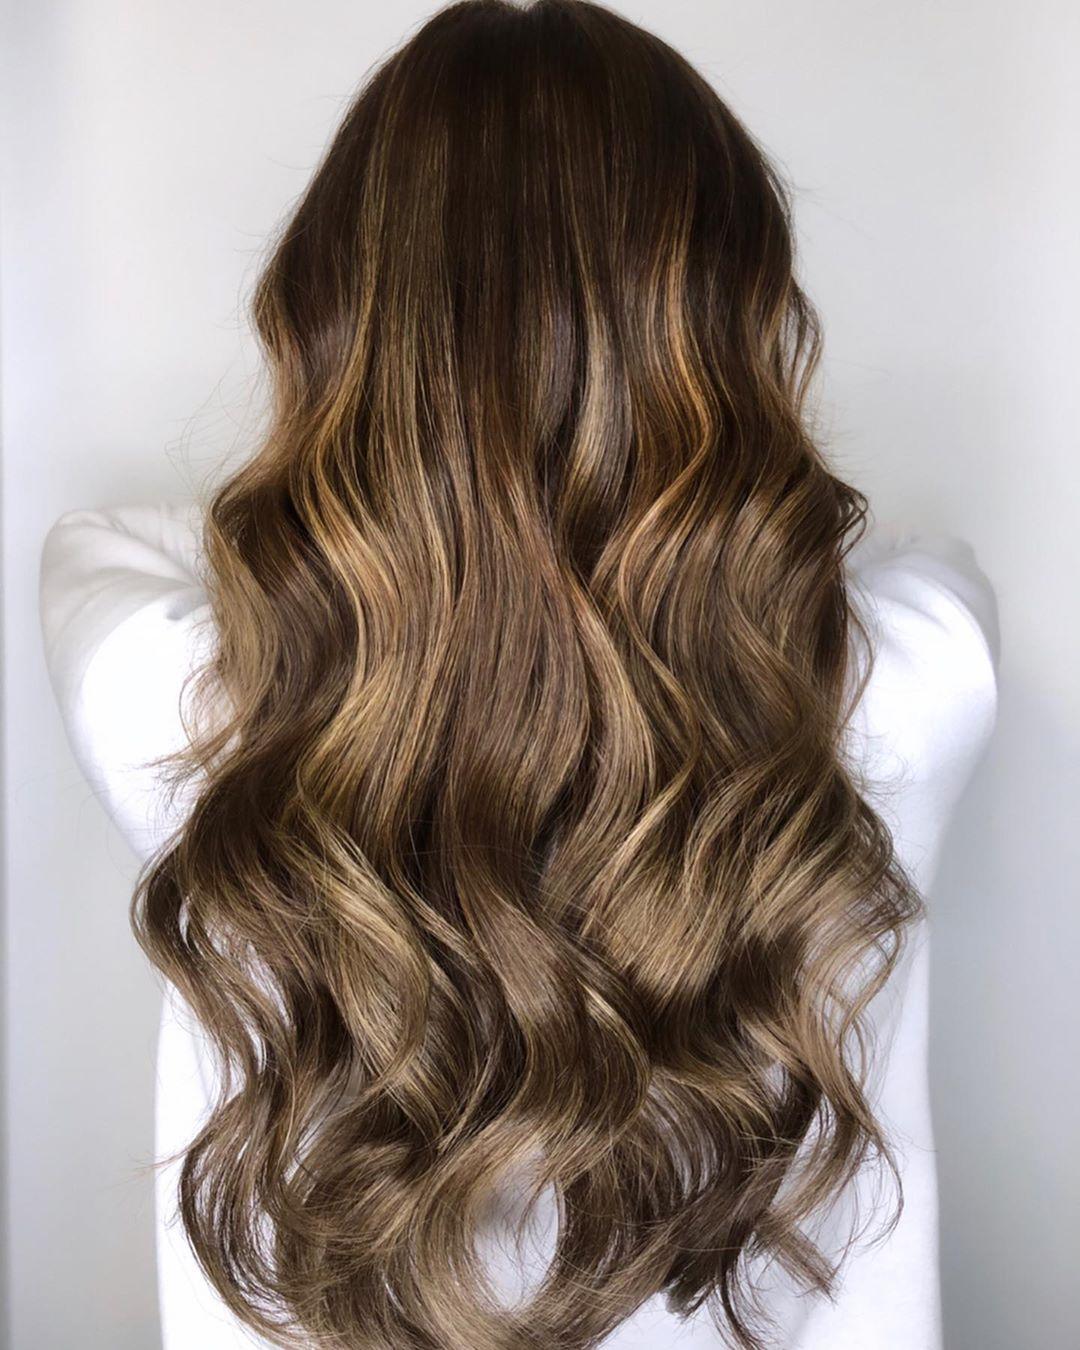 Brun doré clair sur cheveux brun foncé